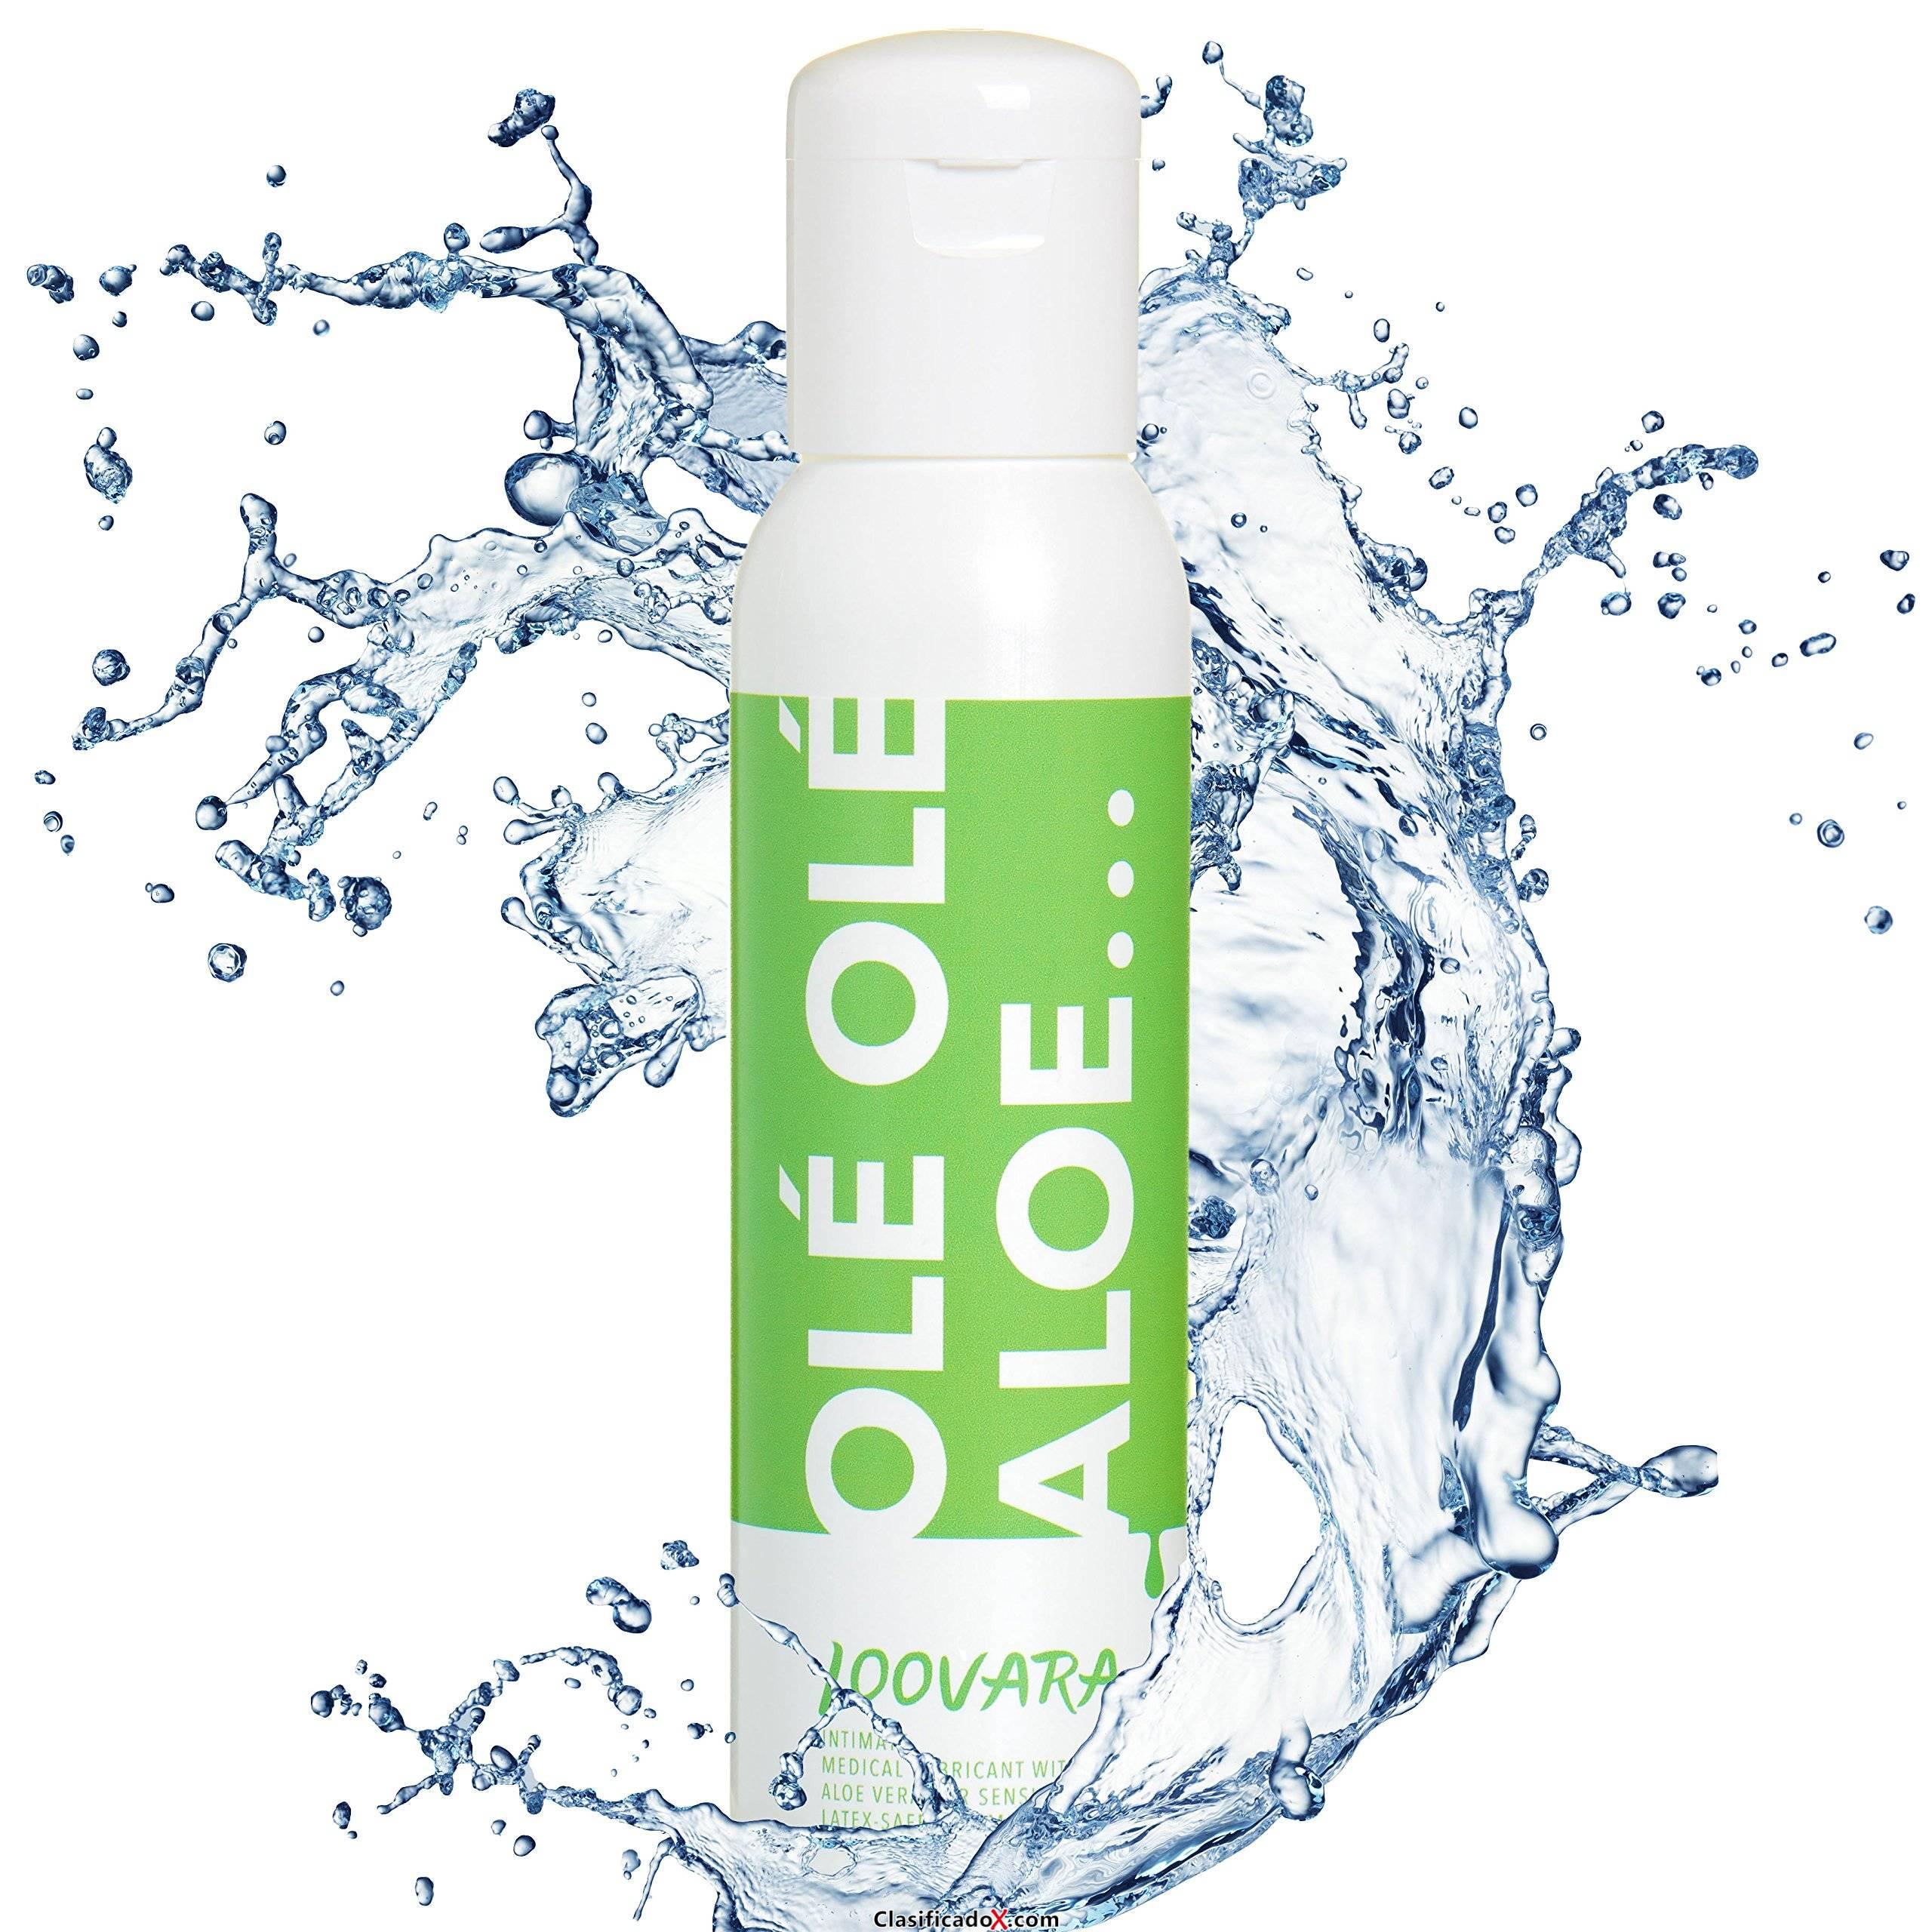 Loovara OleOleAloe • Gel lubricante • Aloe vera lubricante • Lubricantes sexuales (250ml) • Para pieles sensibles. Envíos a Granada